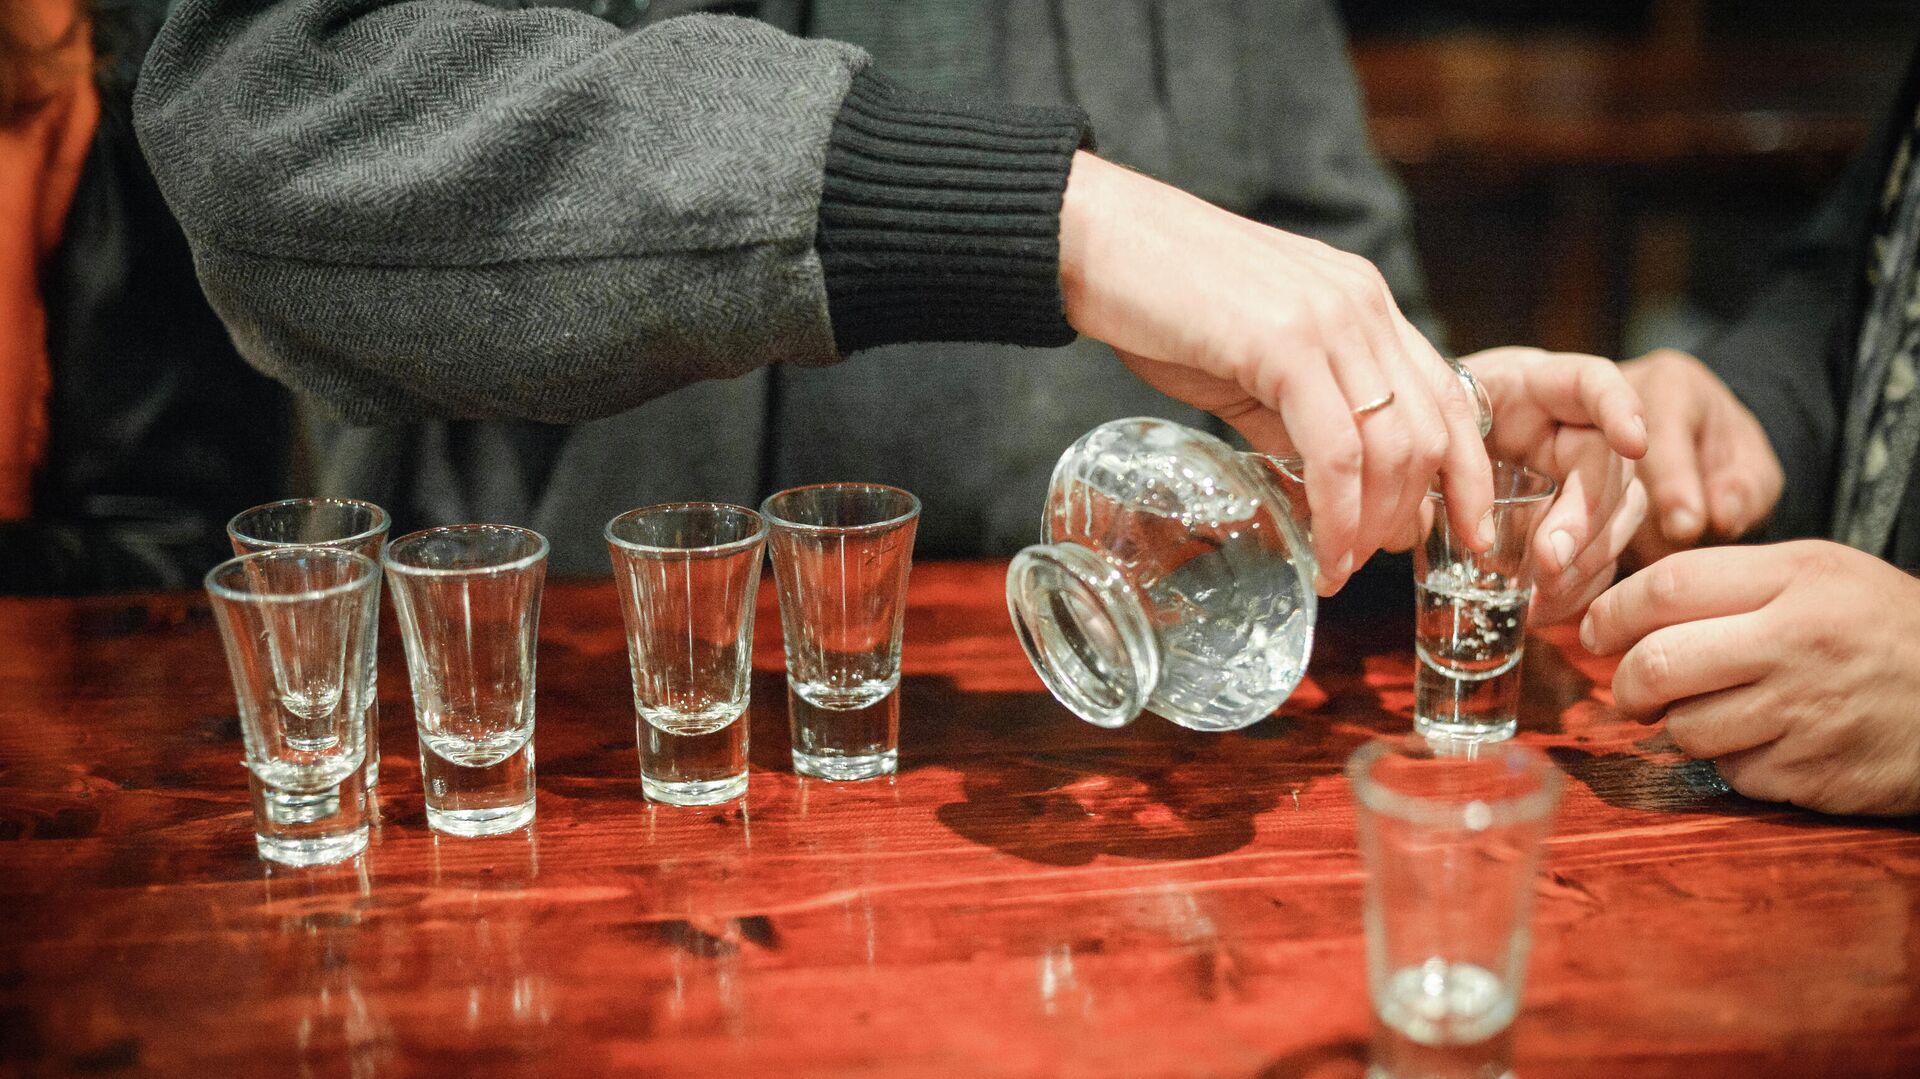 Коктейль для алкоголиков. Новейшие способы победить тягу к спиртному